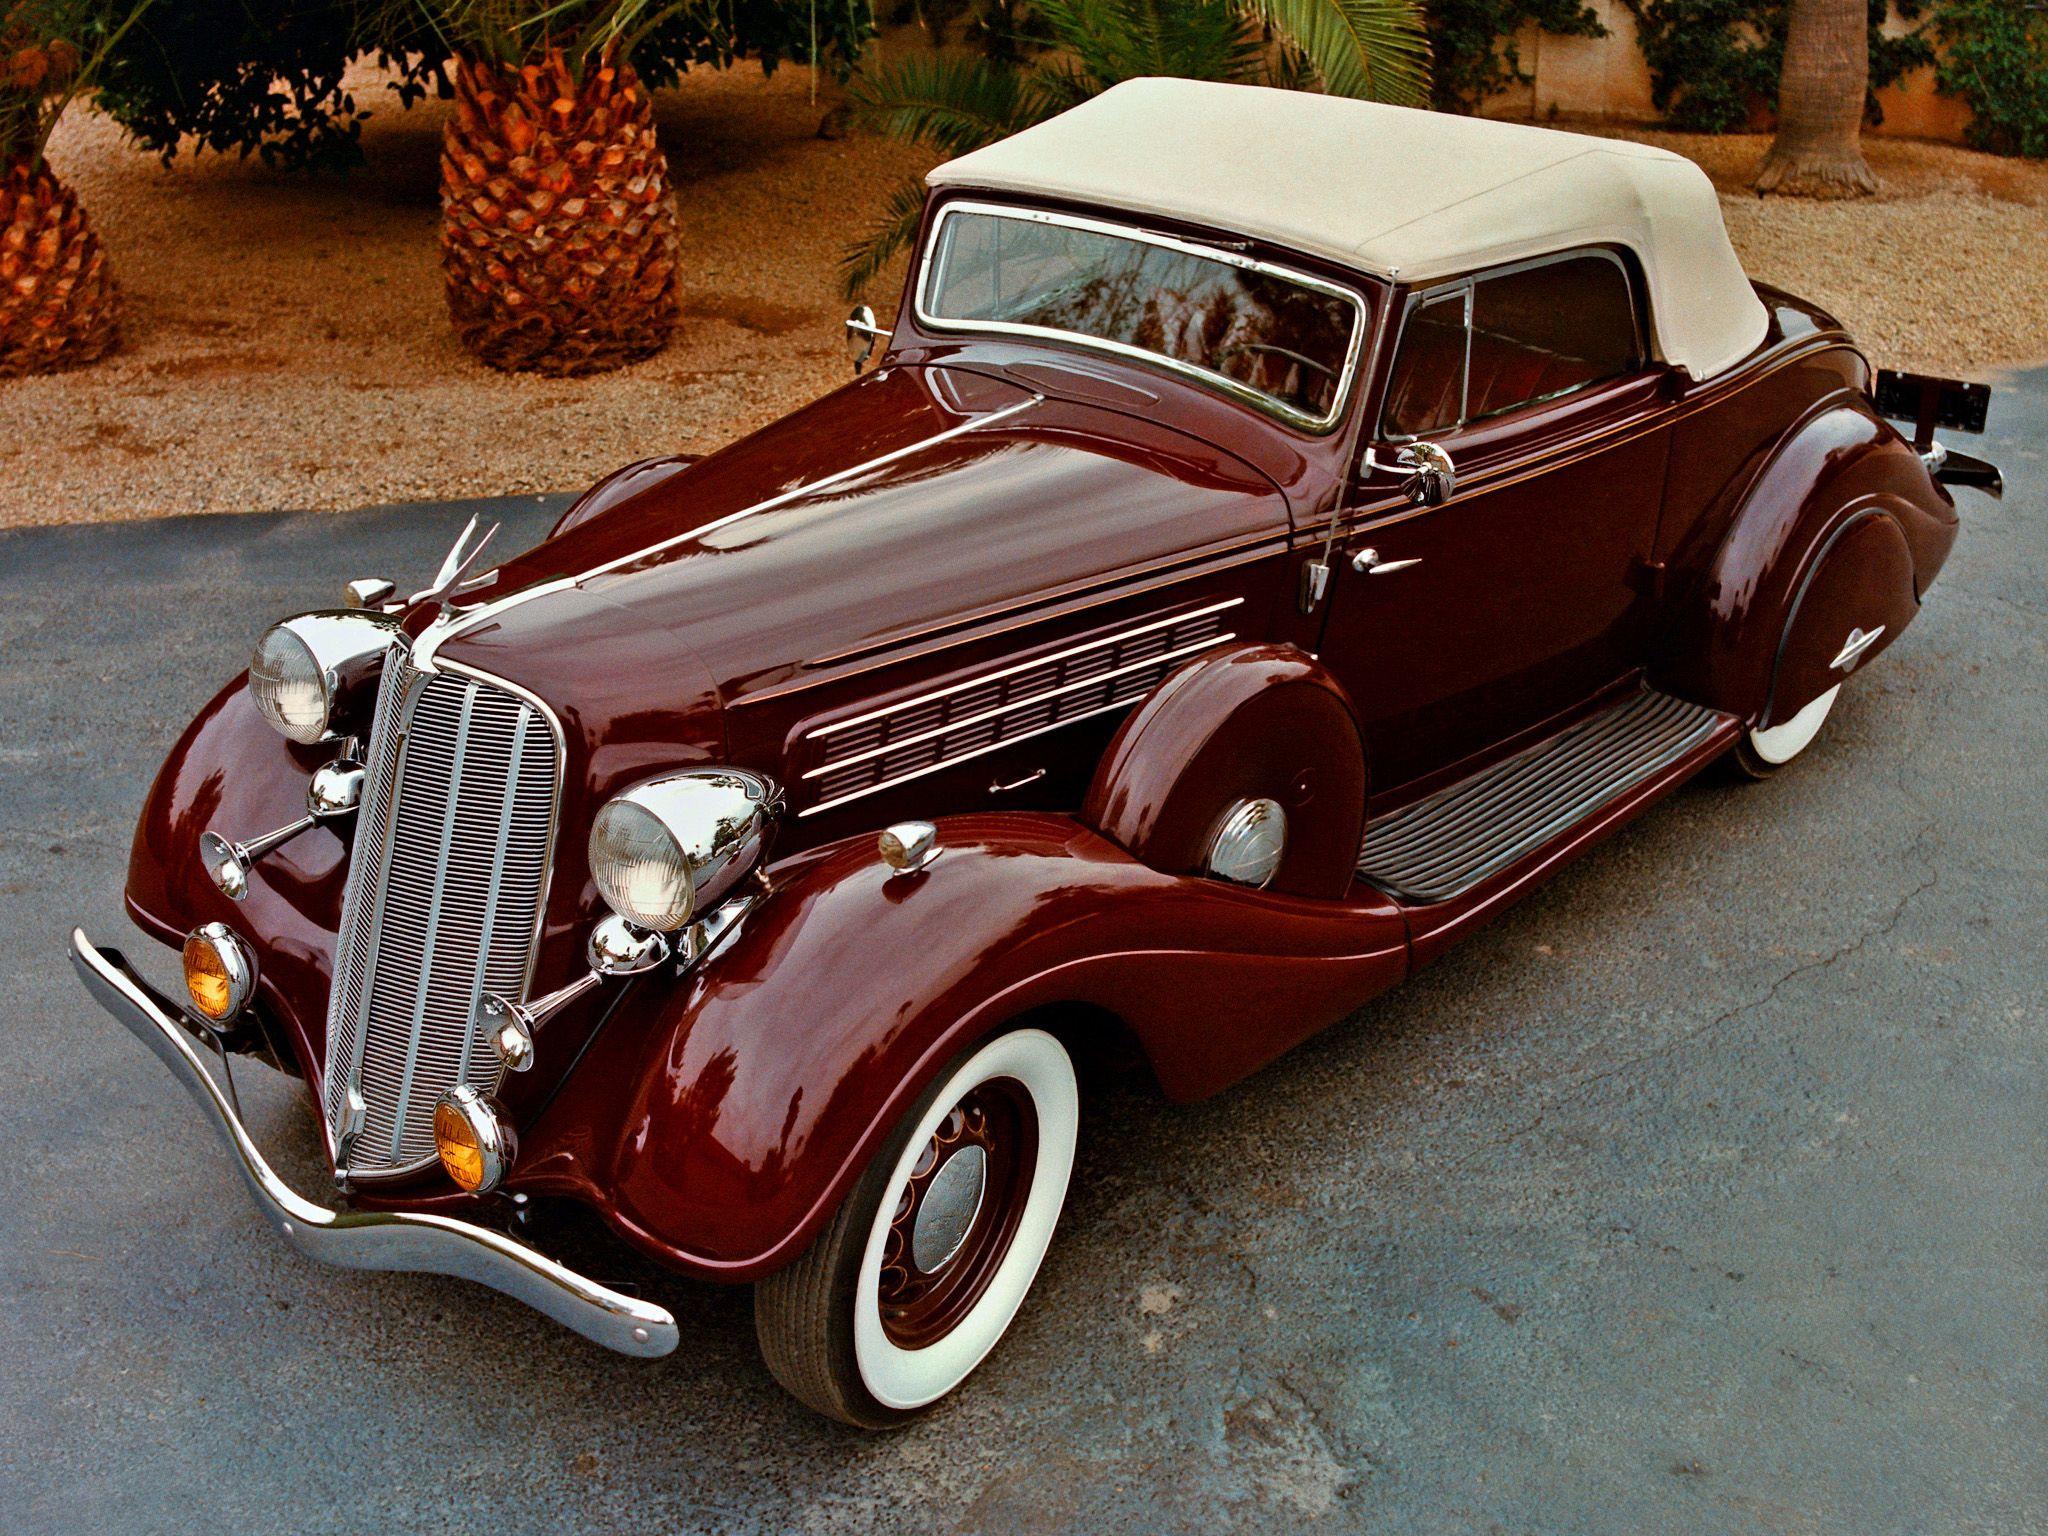 картинки старинных автомобилей с большим разрешением зевса, повелитель